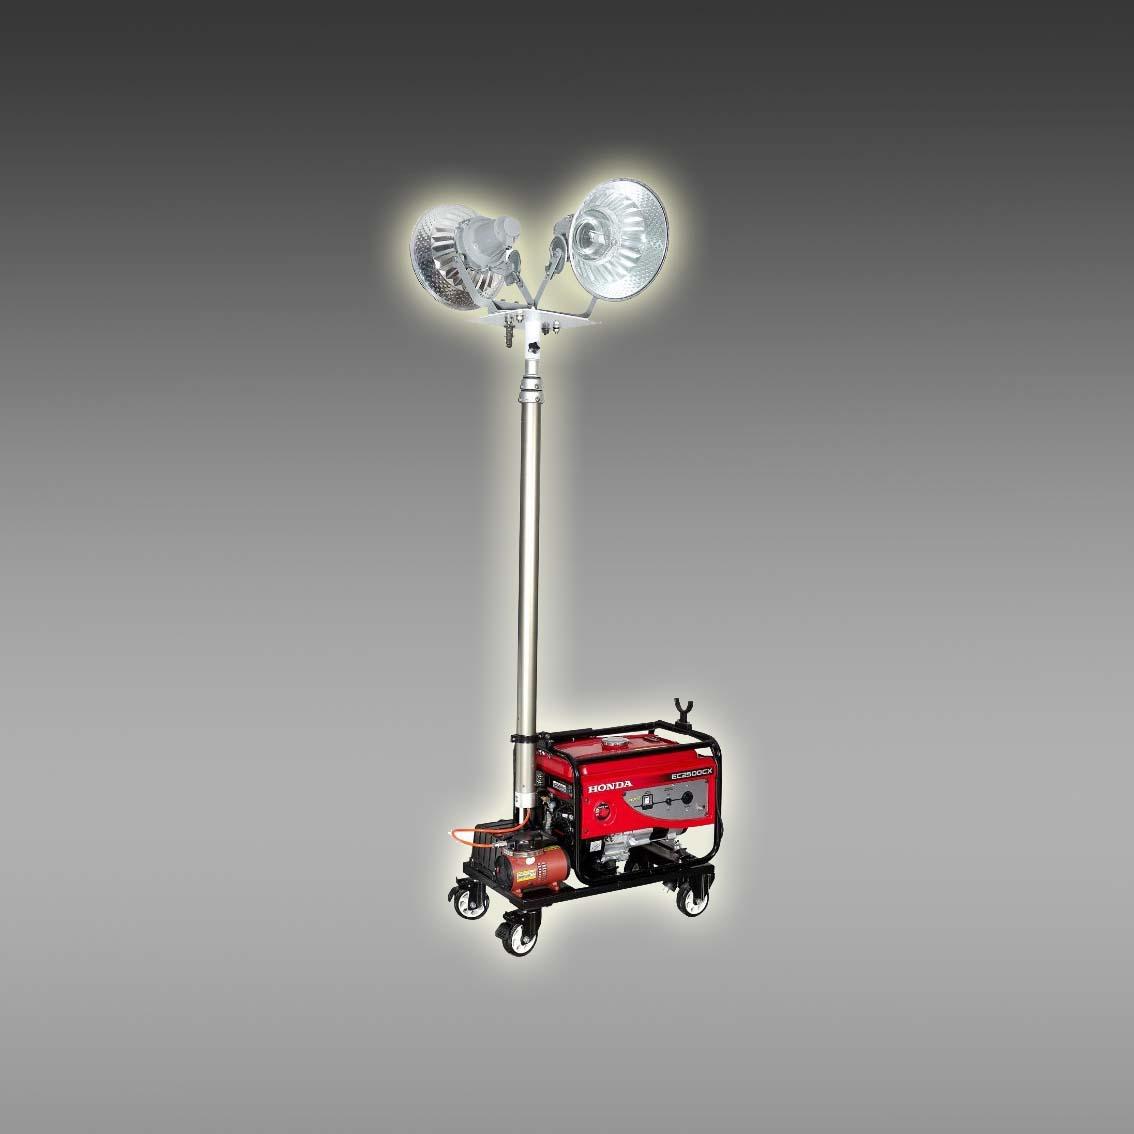 全方位自动升降工作灯YDM5200